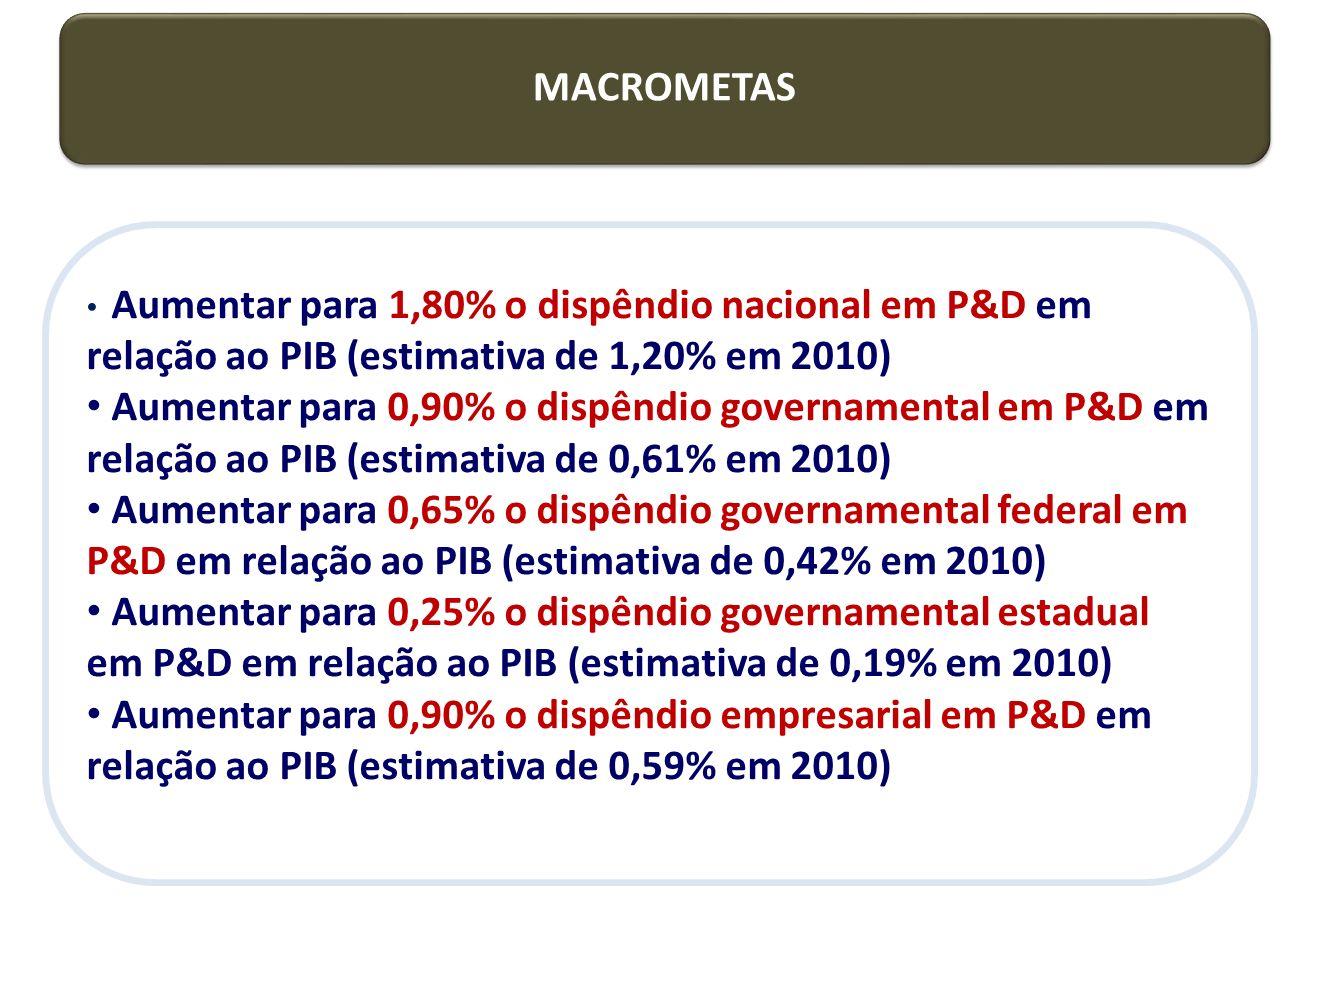 MACROMETAS Aumentar para 1,80% o dispêndio nacional em P&D em relação ao PIB (estimativa de 1,20% em 2010)